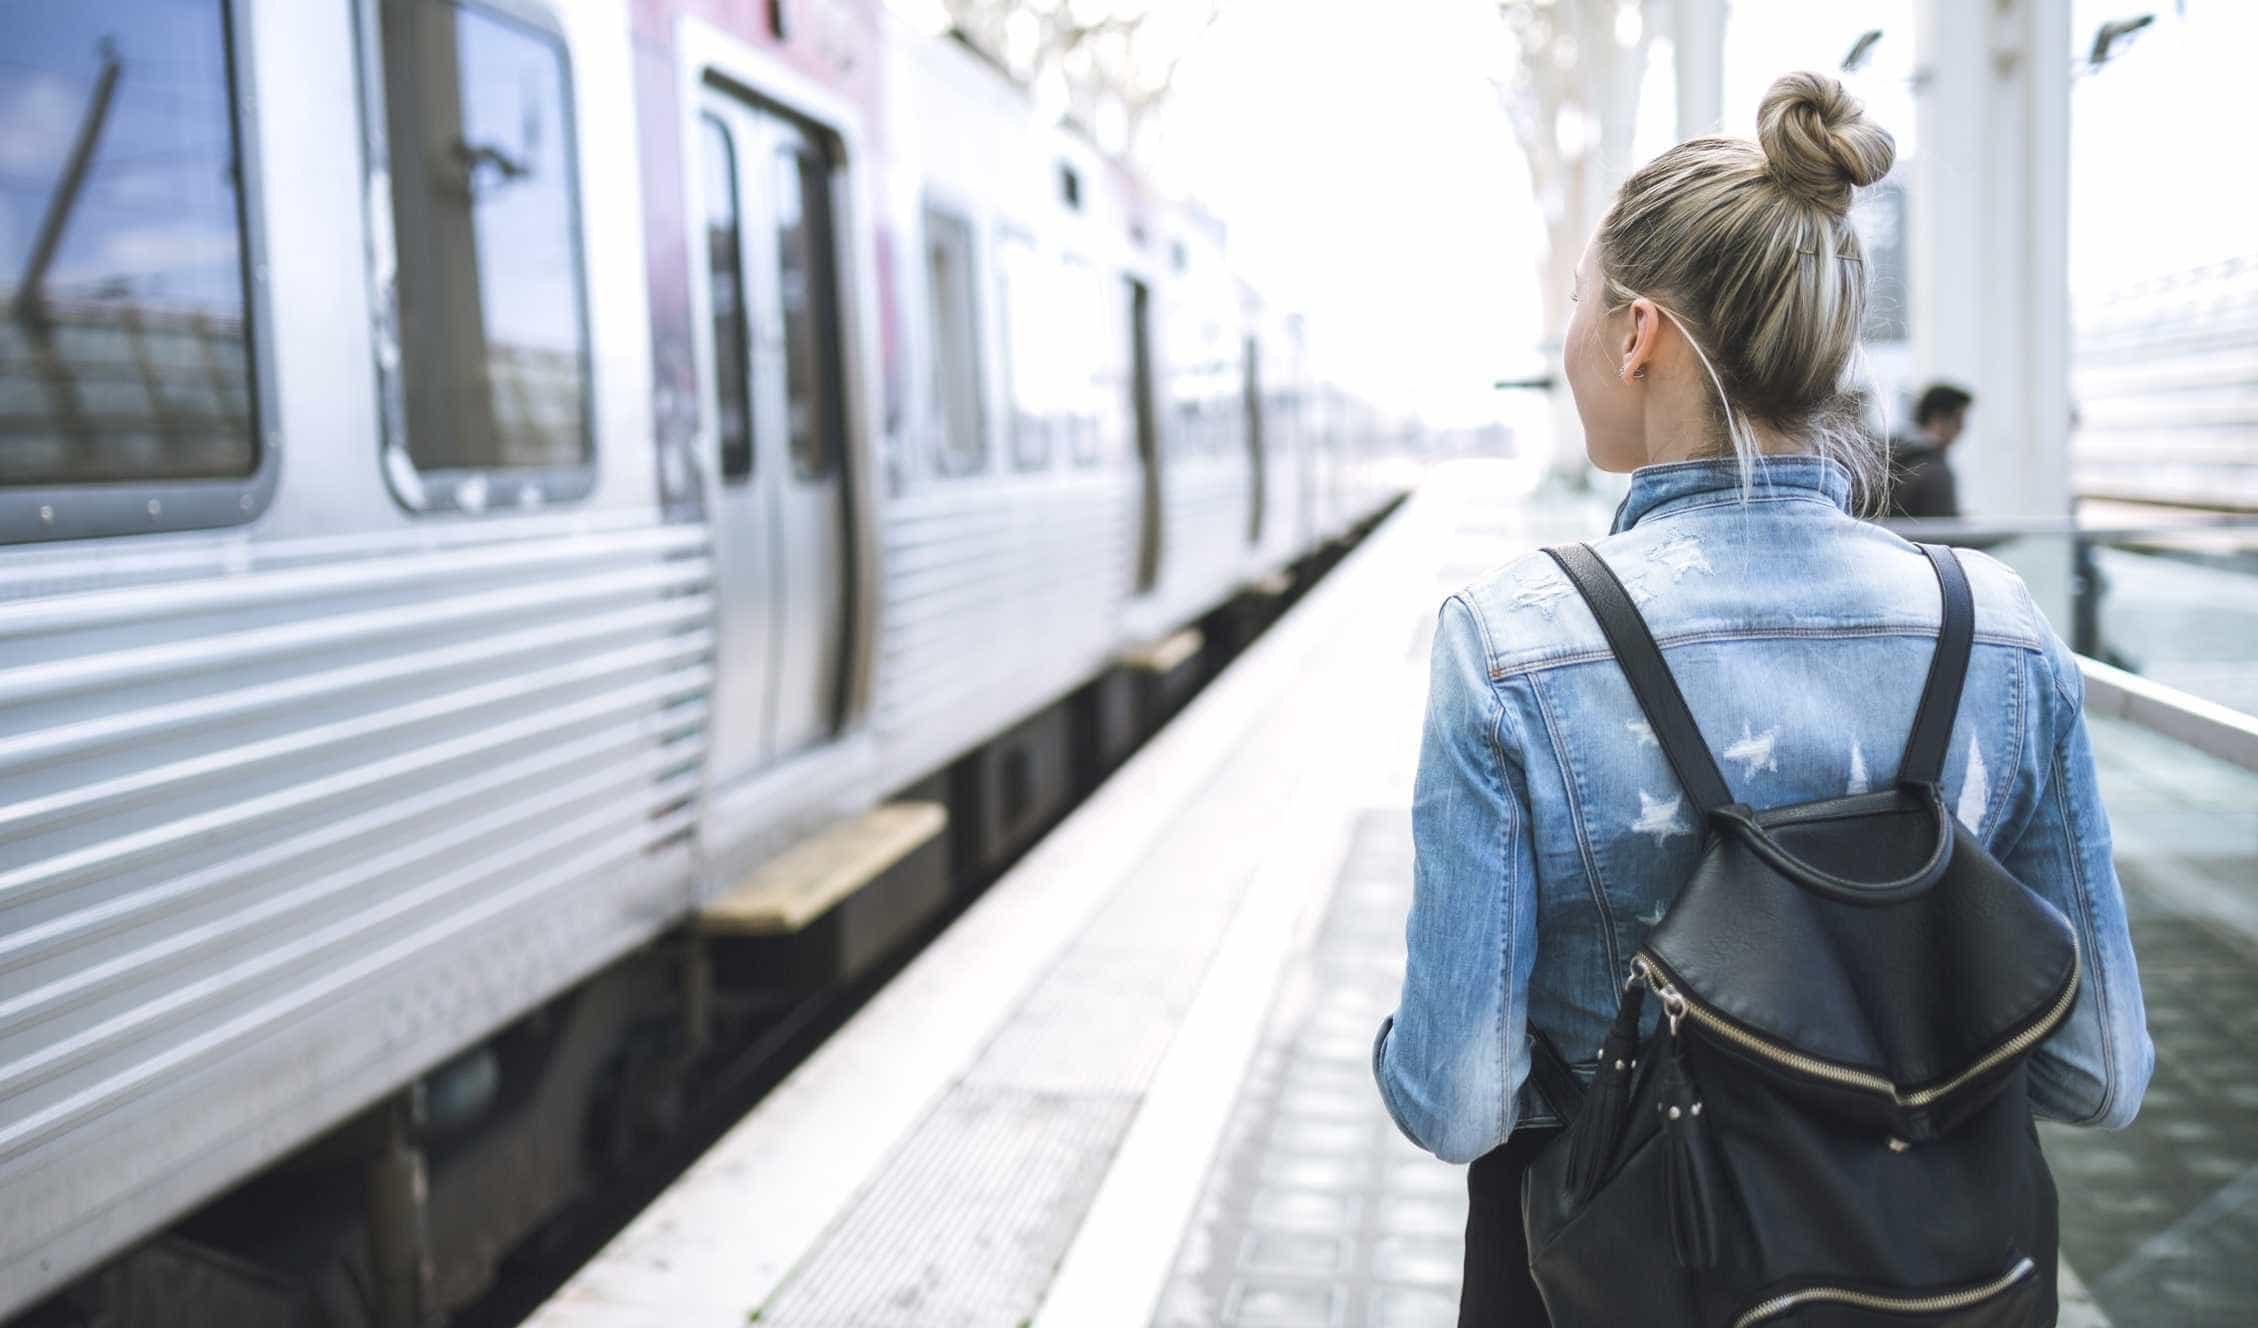 Preço dos transportes públicos pode subir até 1,14% no próximo ano